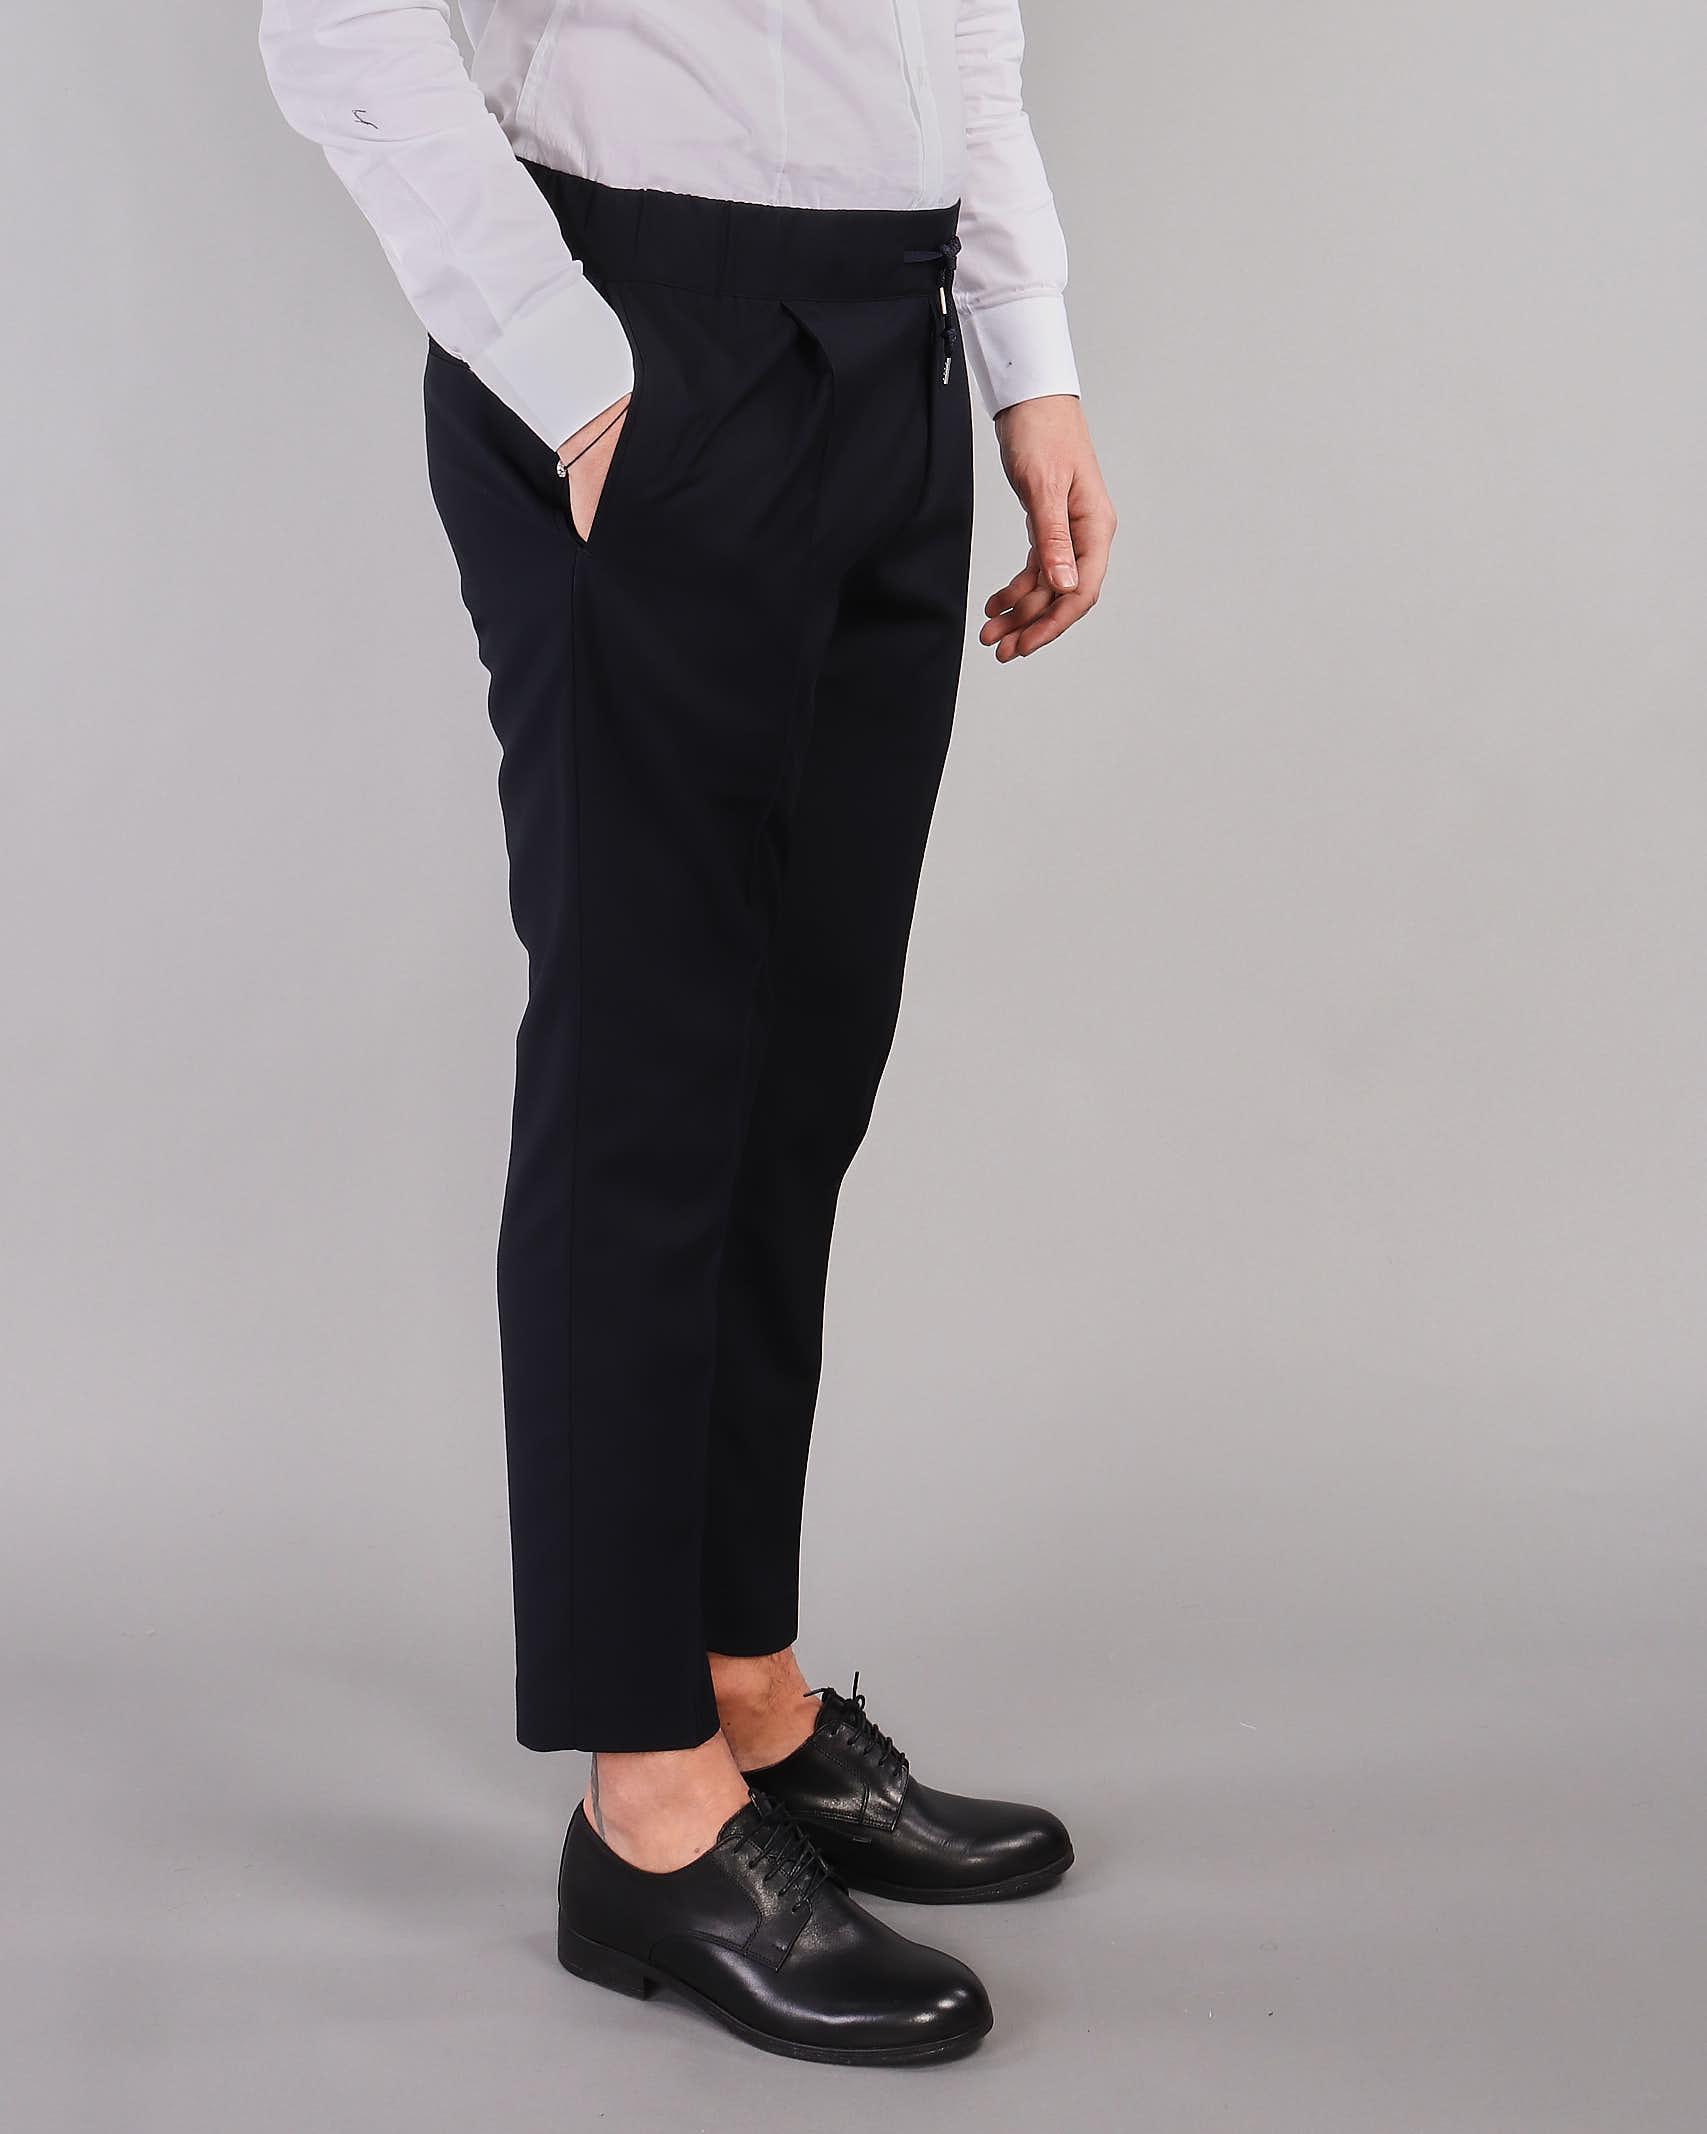 Pantalone con elastico Daniele Alessandrini DANIELE ALESSANDRINI | Pantalone | P3671N960423